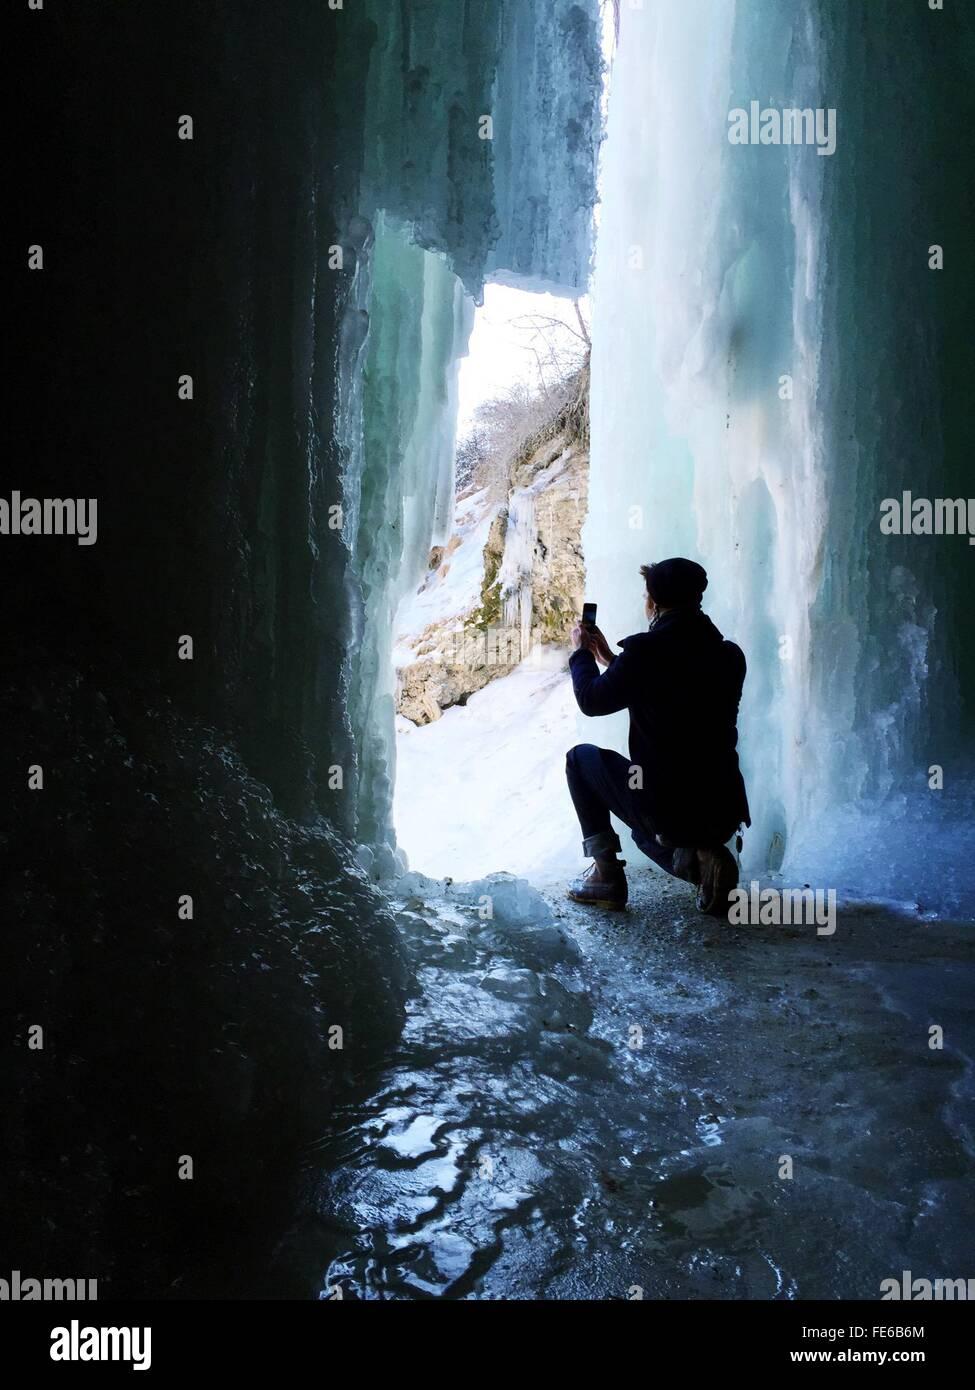 Vista posteriore dell'uomo fotografare la cascata ghiacciata Immagini Stock